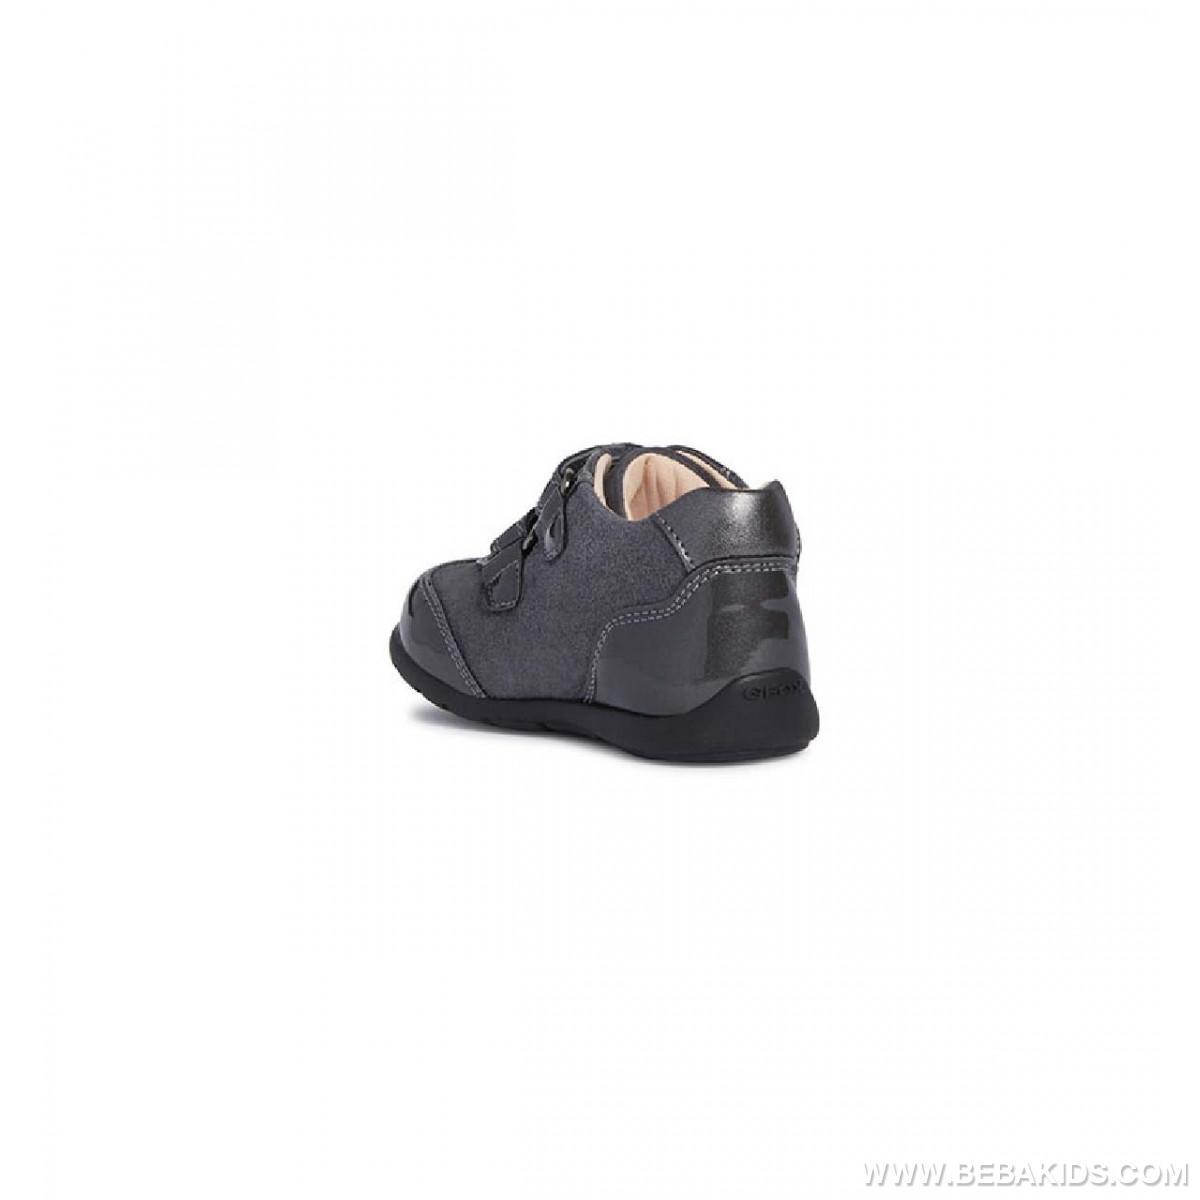 Cipela geox 19-25